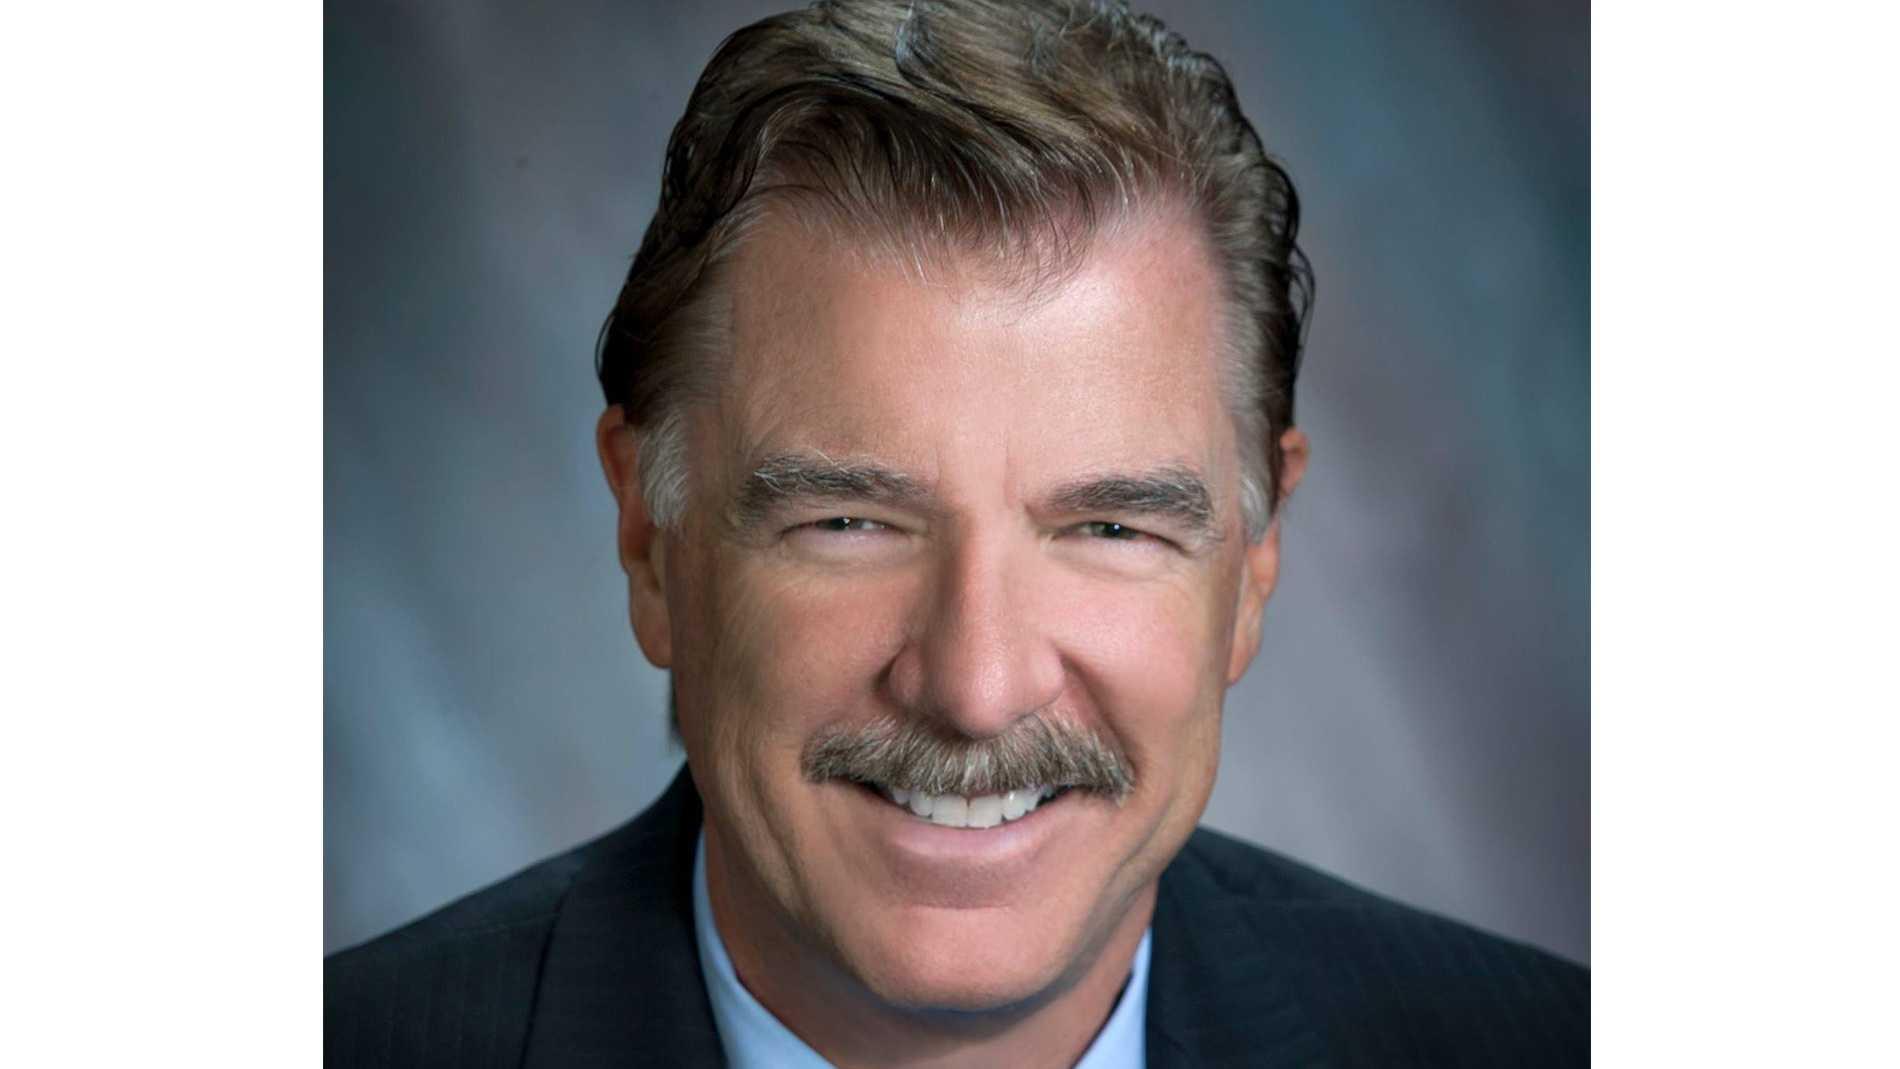 Monterey County SheriffScott Miller